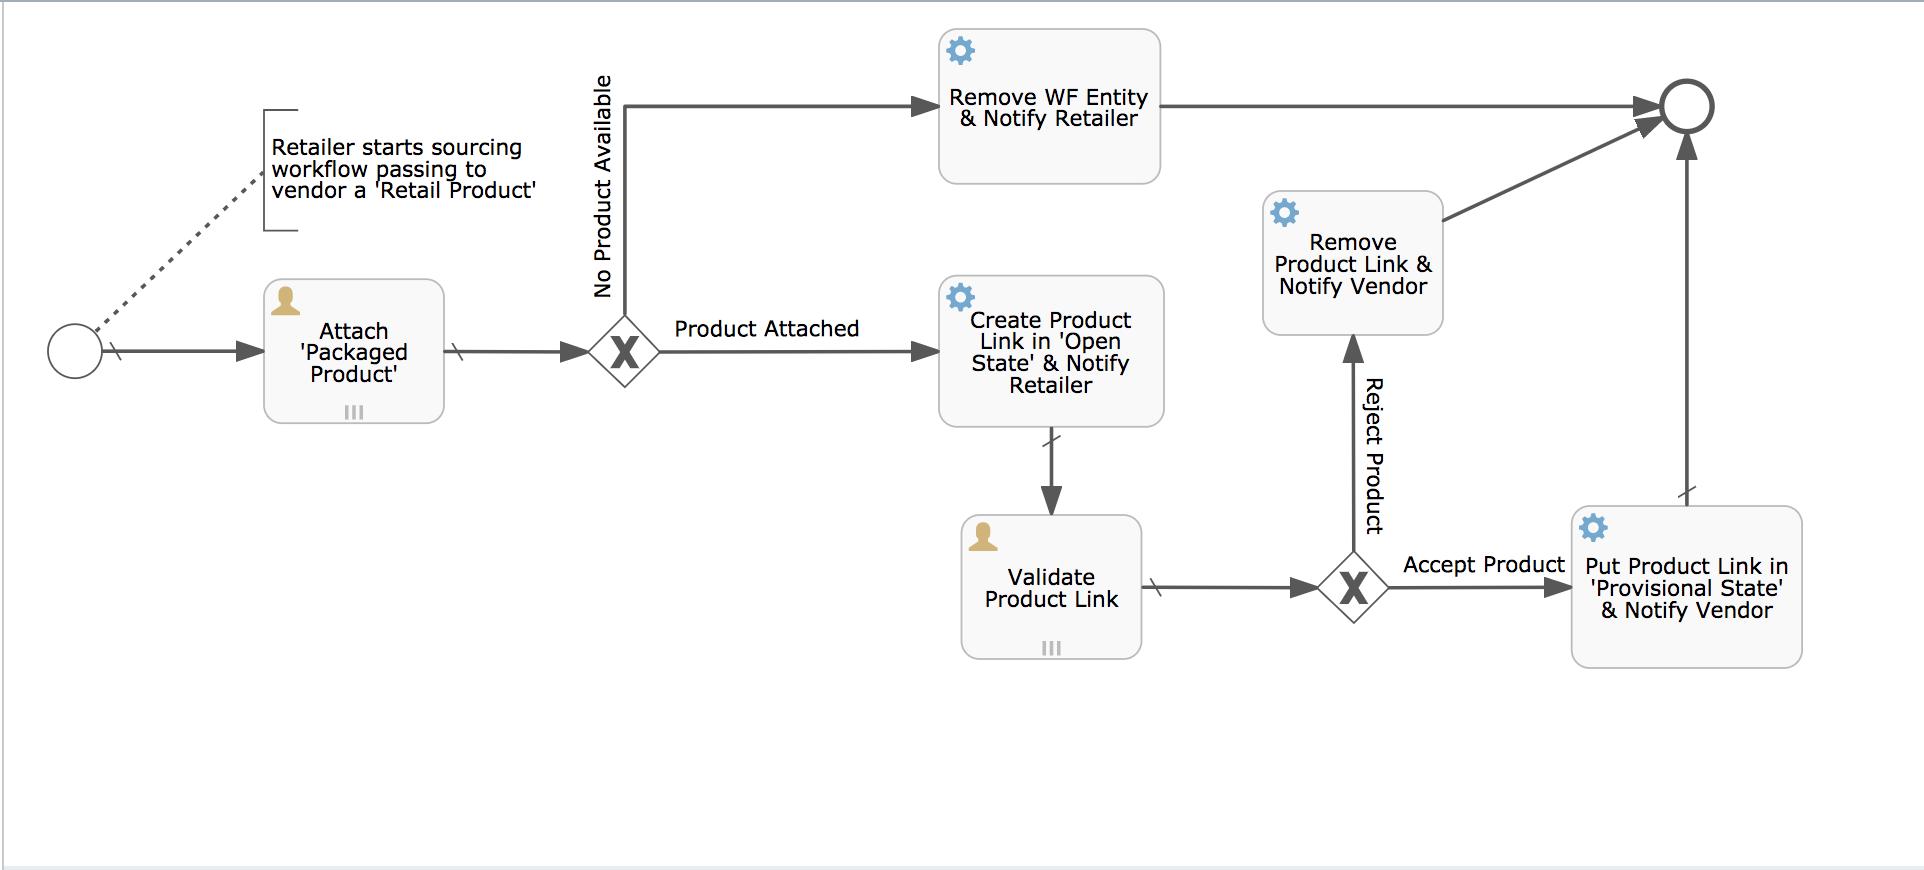 ProductSourcingFlow